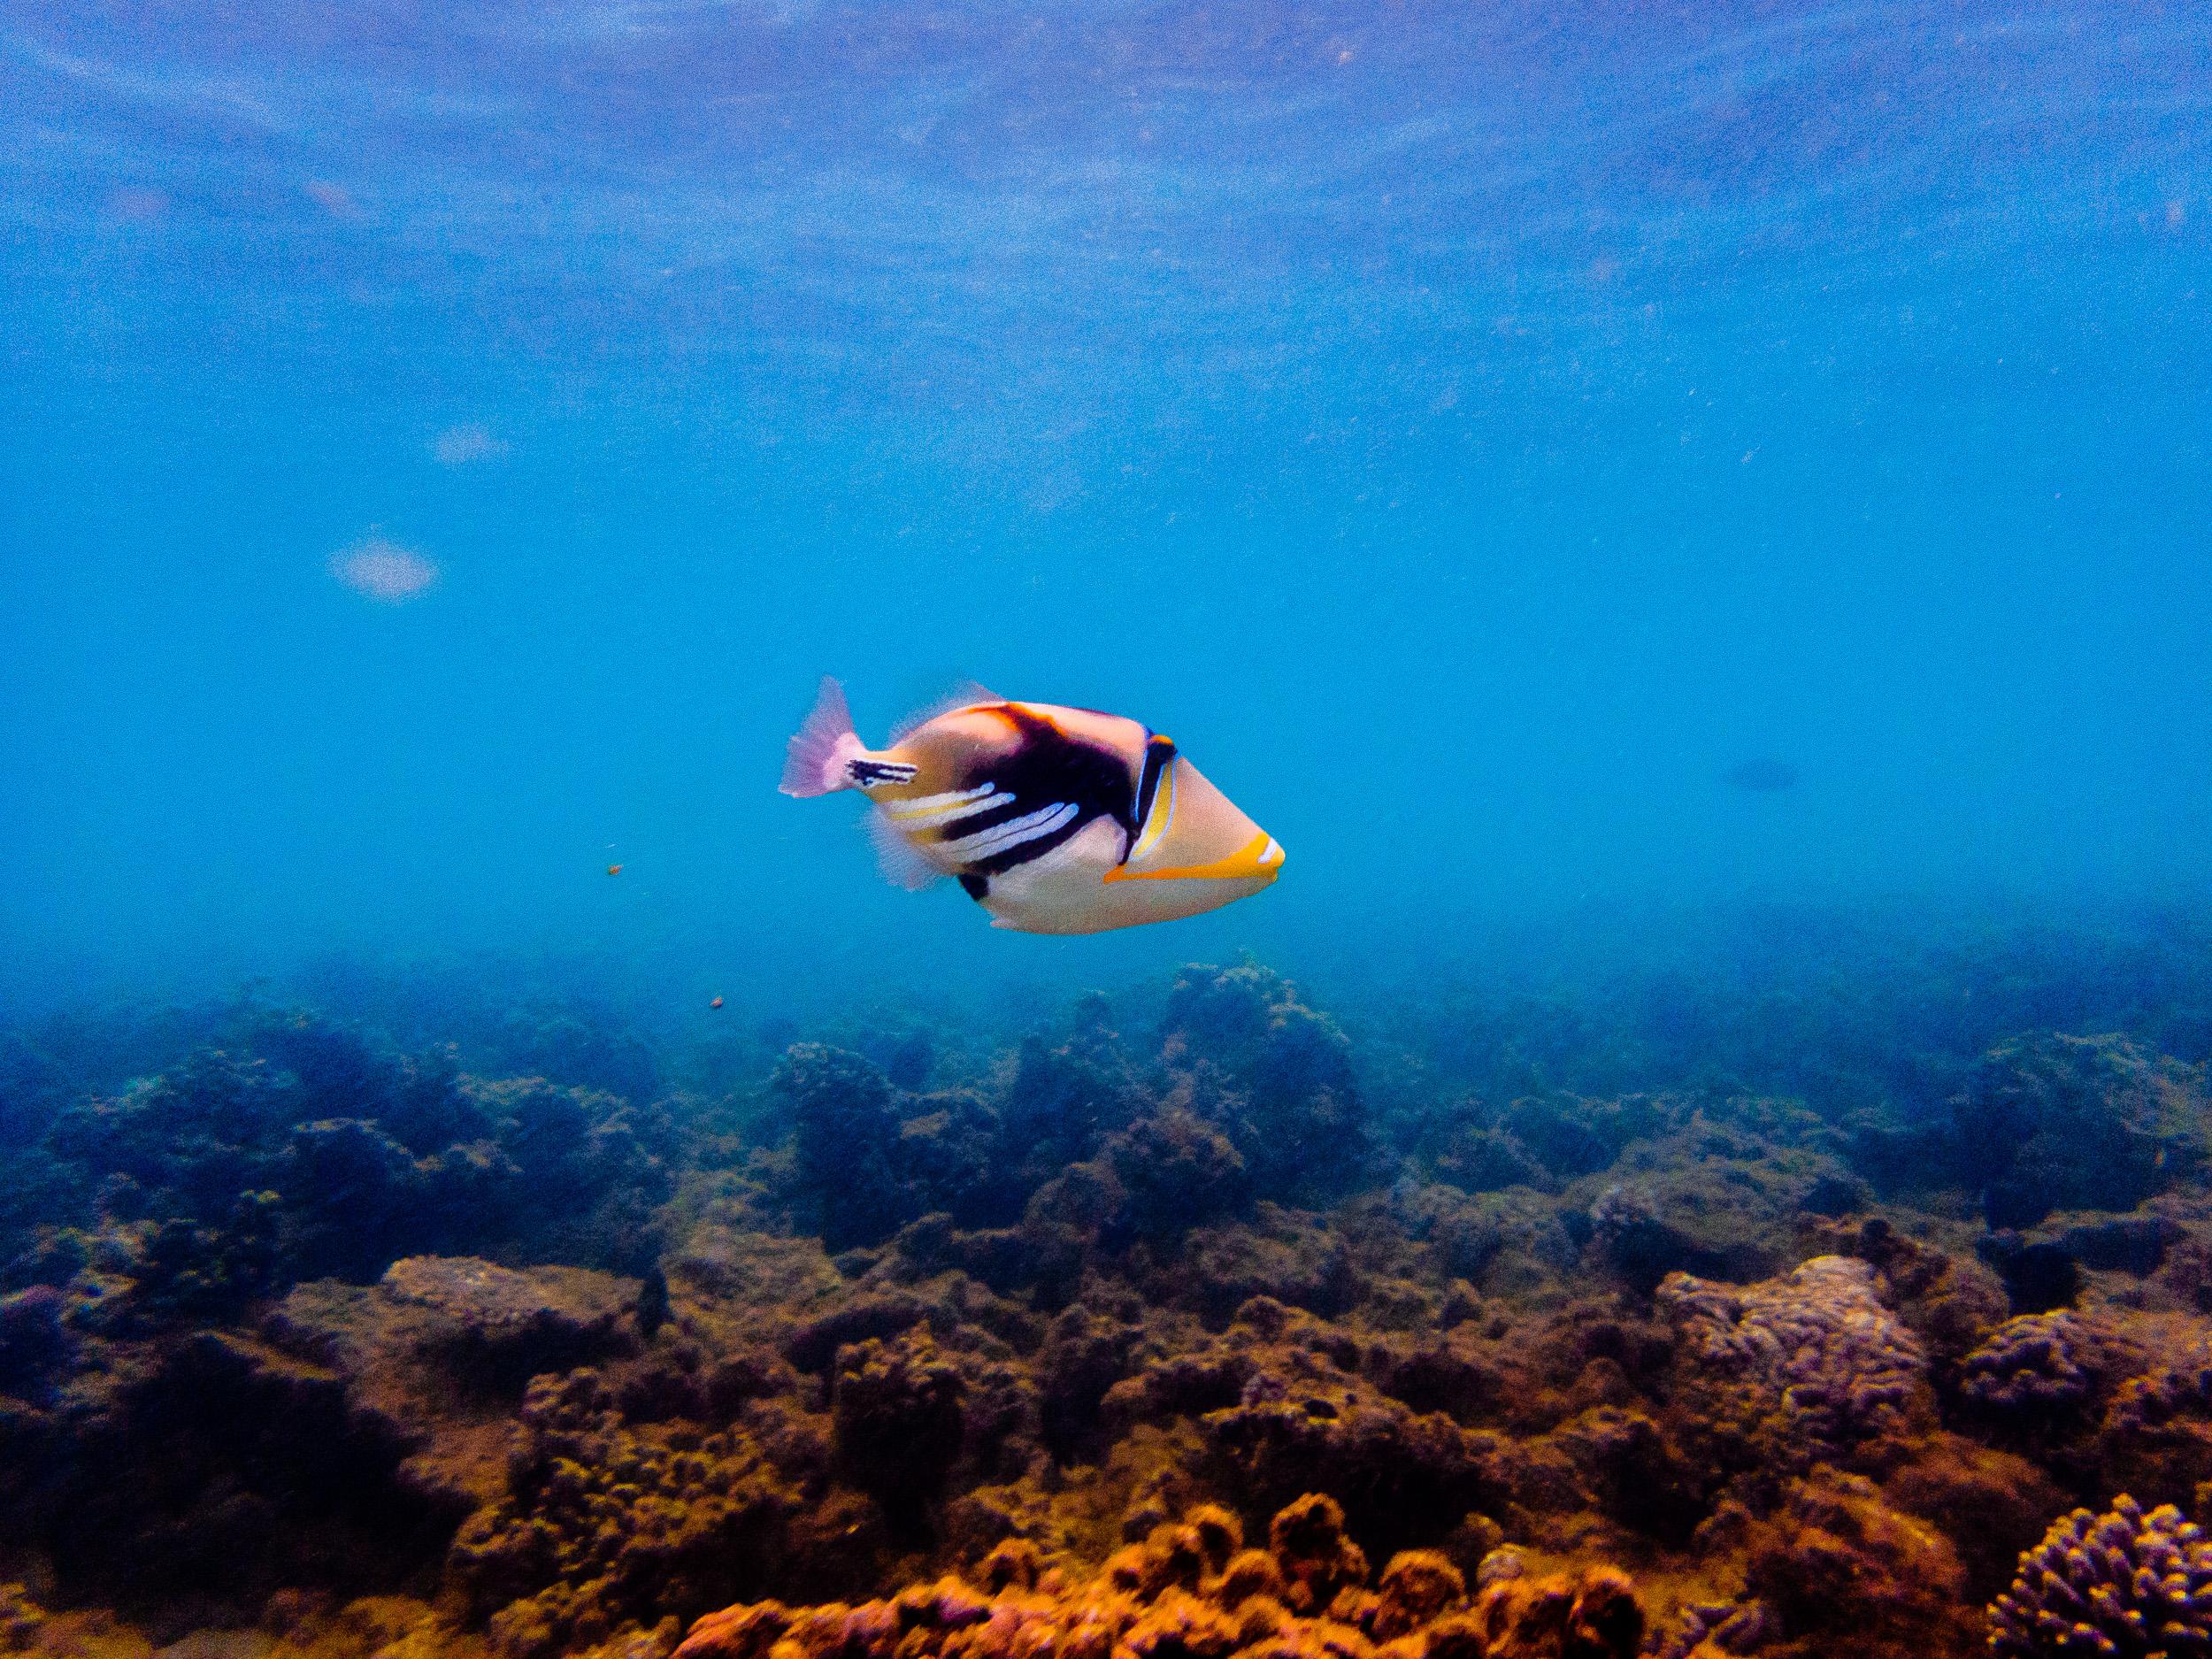 Spyrides_Kyle_Ningaloo_Reef_Sal_Salis.13.5.2016P5132429.jpg